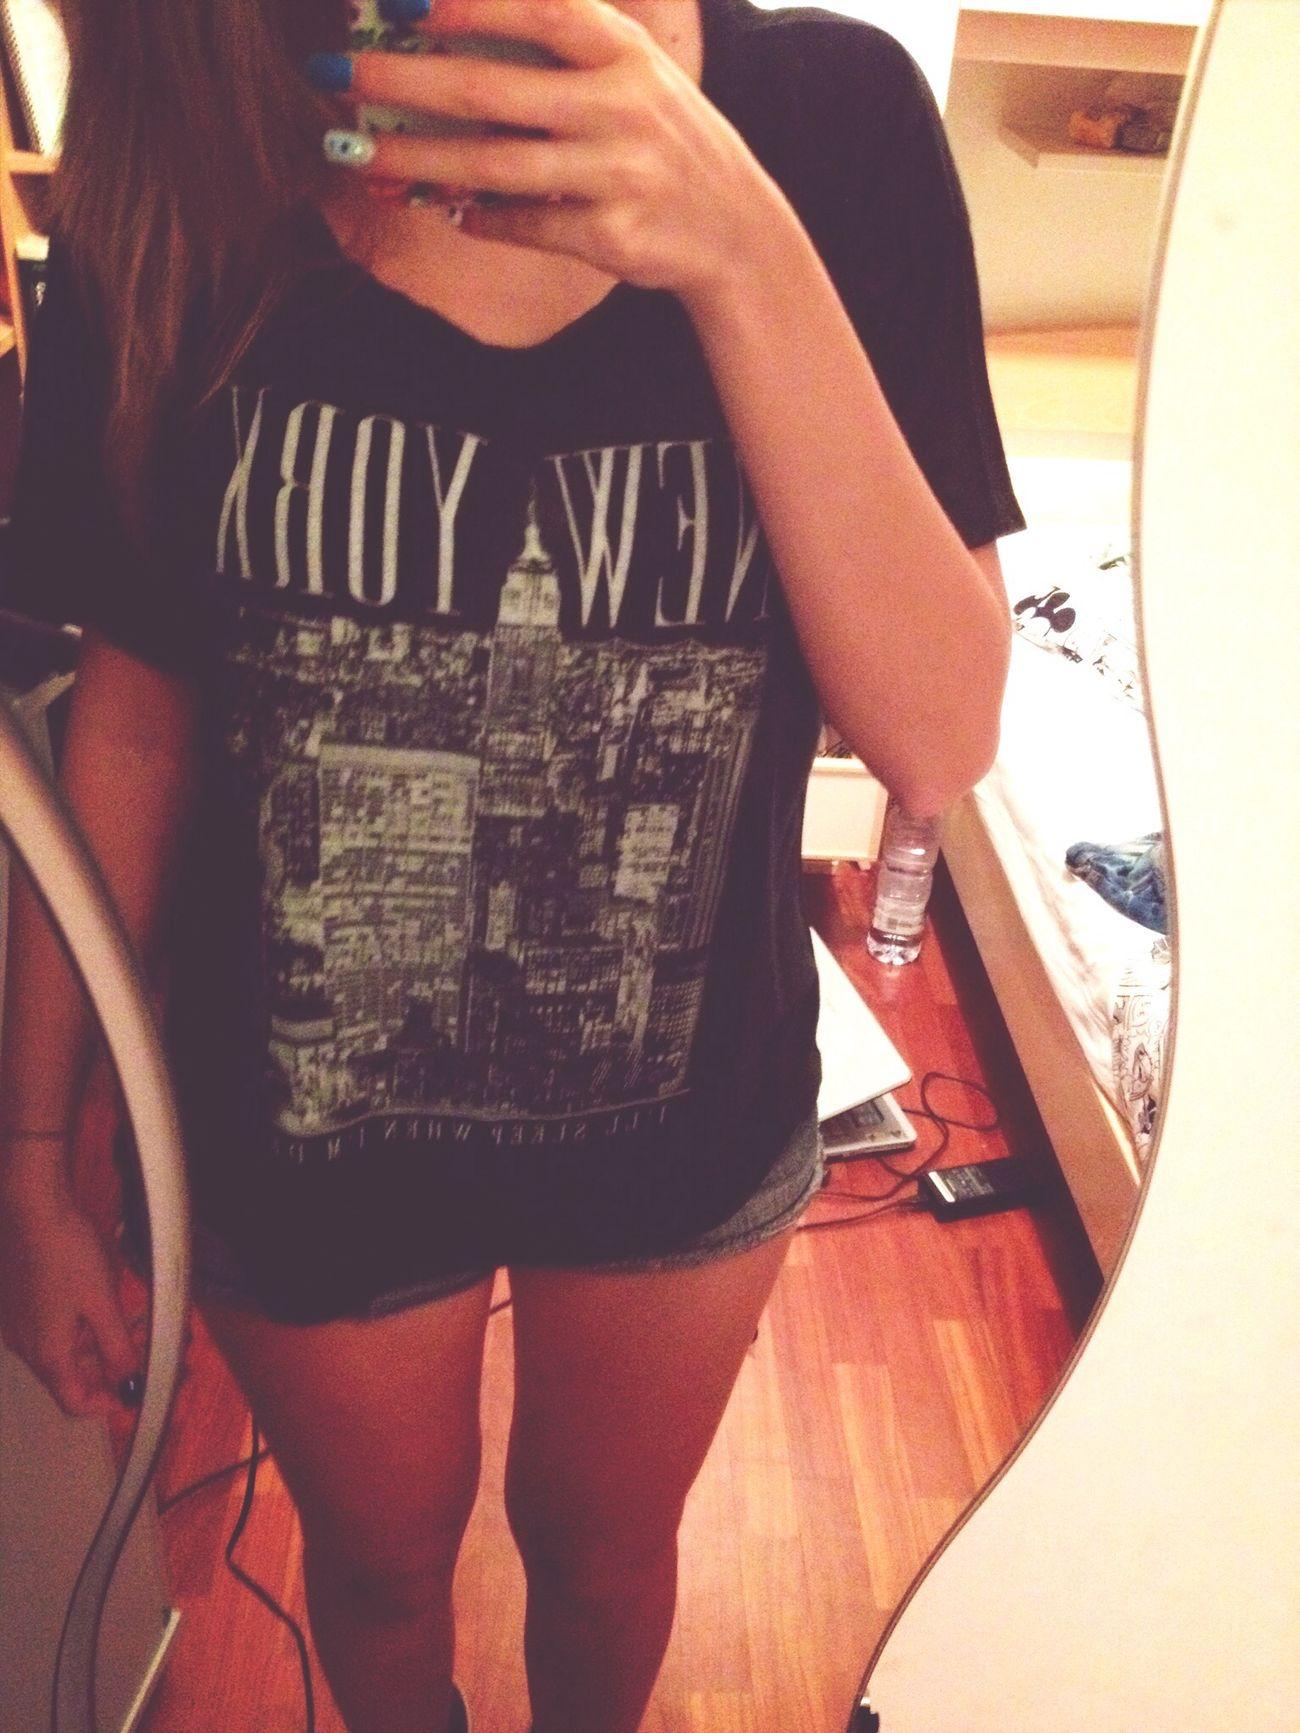 A te ti sento dentro come un pugno. ??? New T-Shirt Brandy Melville New York Bla Bla Bla Bla :*